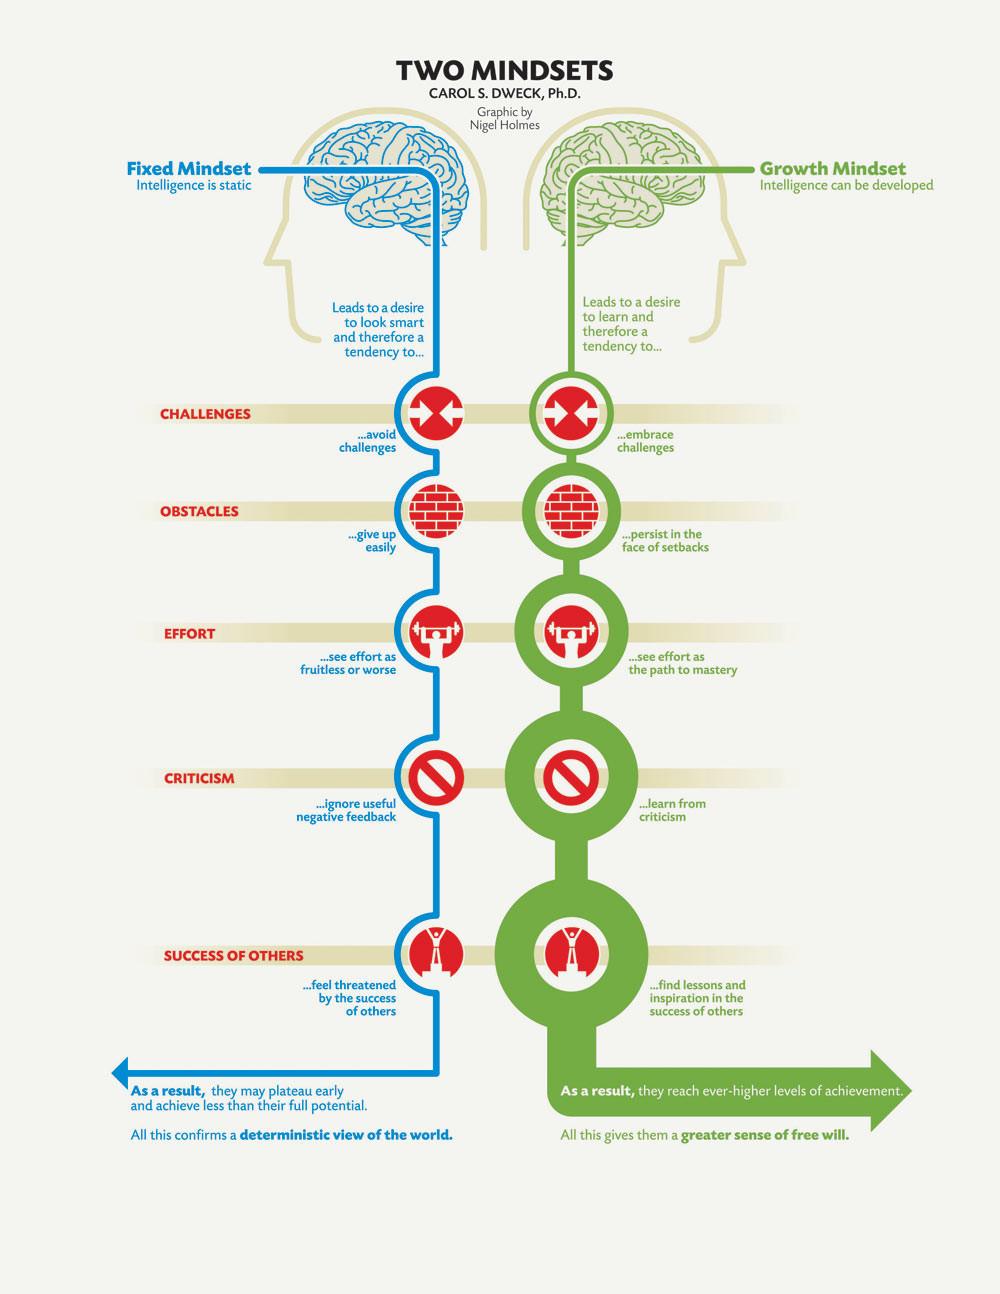 mindsets image.jpg